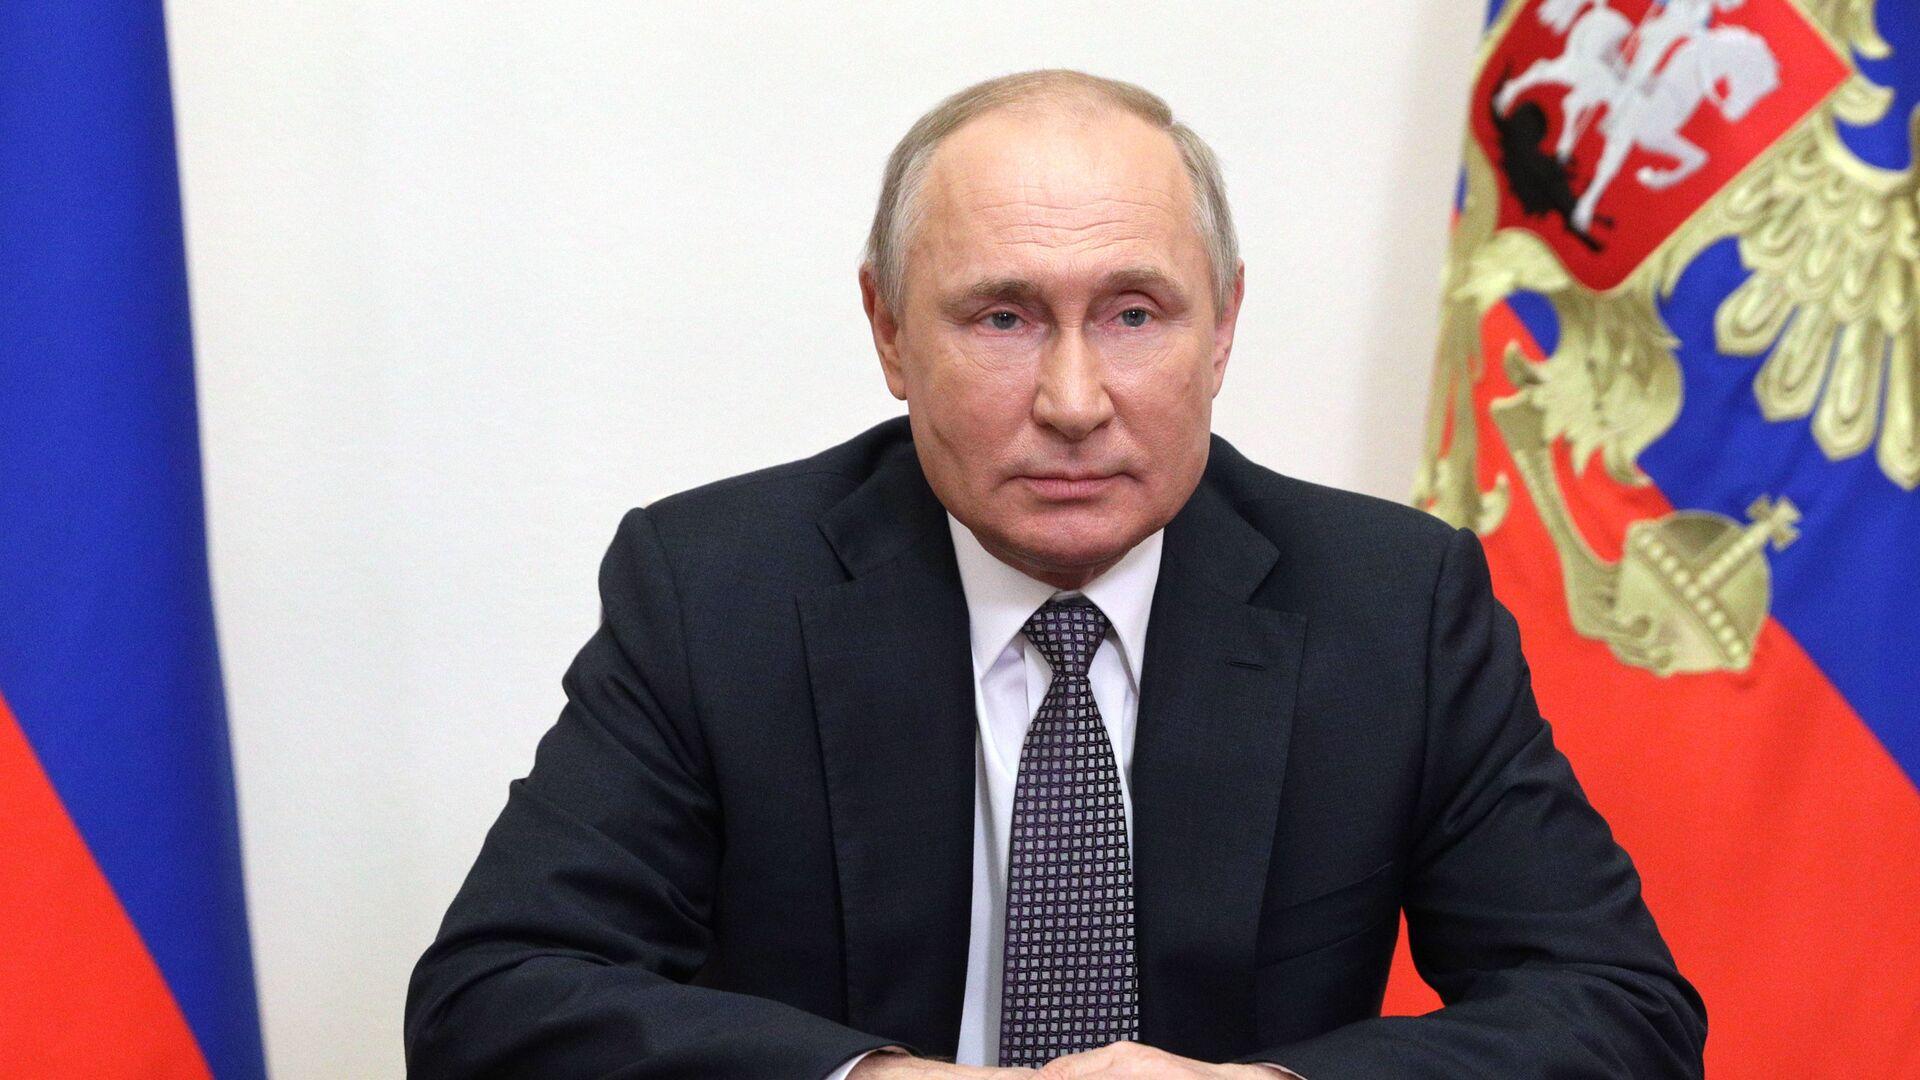 Ruský prezident Vladimir Putin se obrátil k účastníkům Moskevské bezpečnostní konference - Sputnik Česká republika, 1920, 23.06.2021